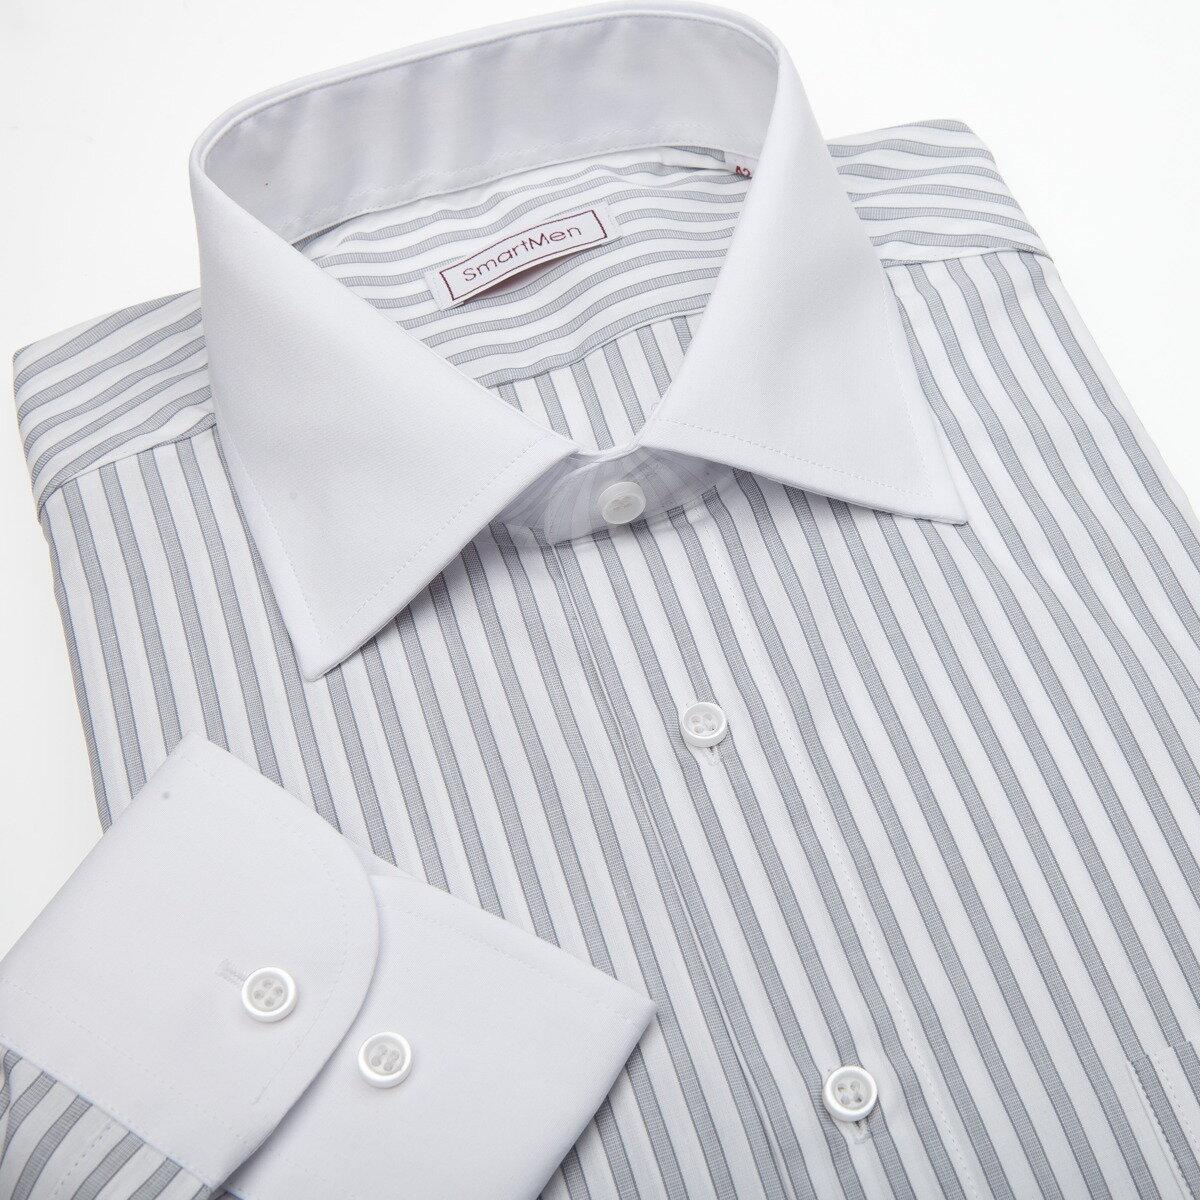 5a2b5aa7a1ff Pánska košeľa sivý prúžok - biely golier a manžeta